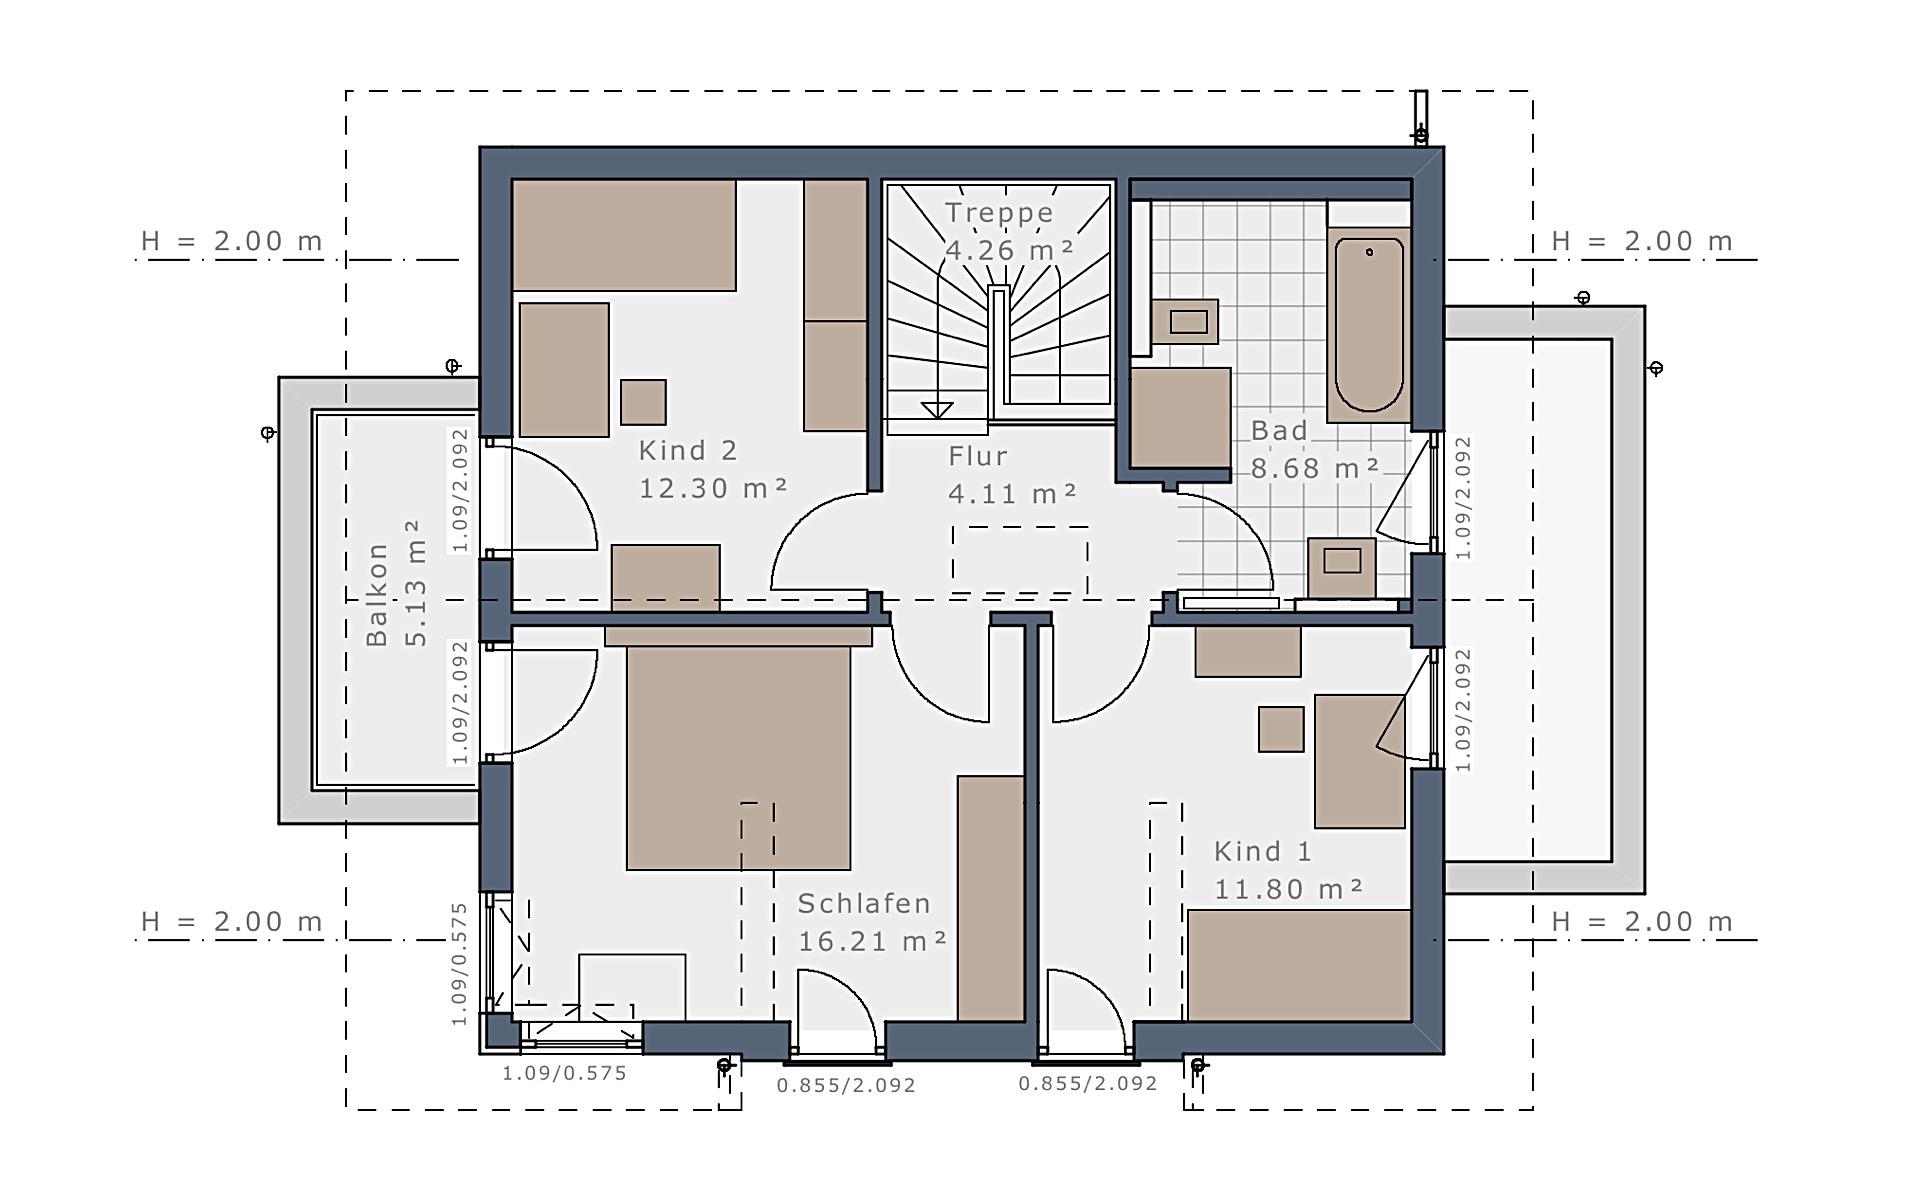 Dachgeschoss Solitaire-E-115 E4 von Schwabenhaus GmbH & Co. KG